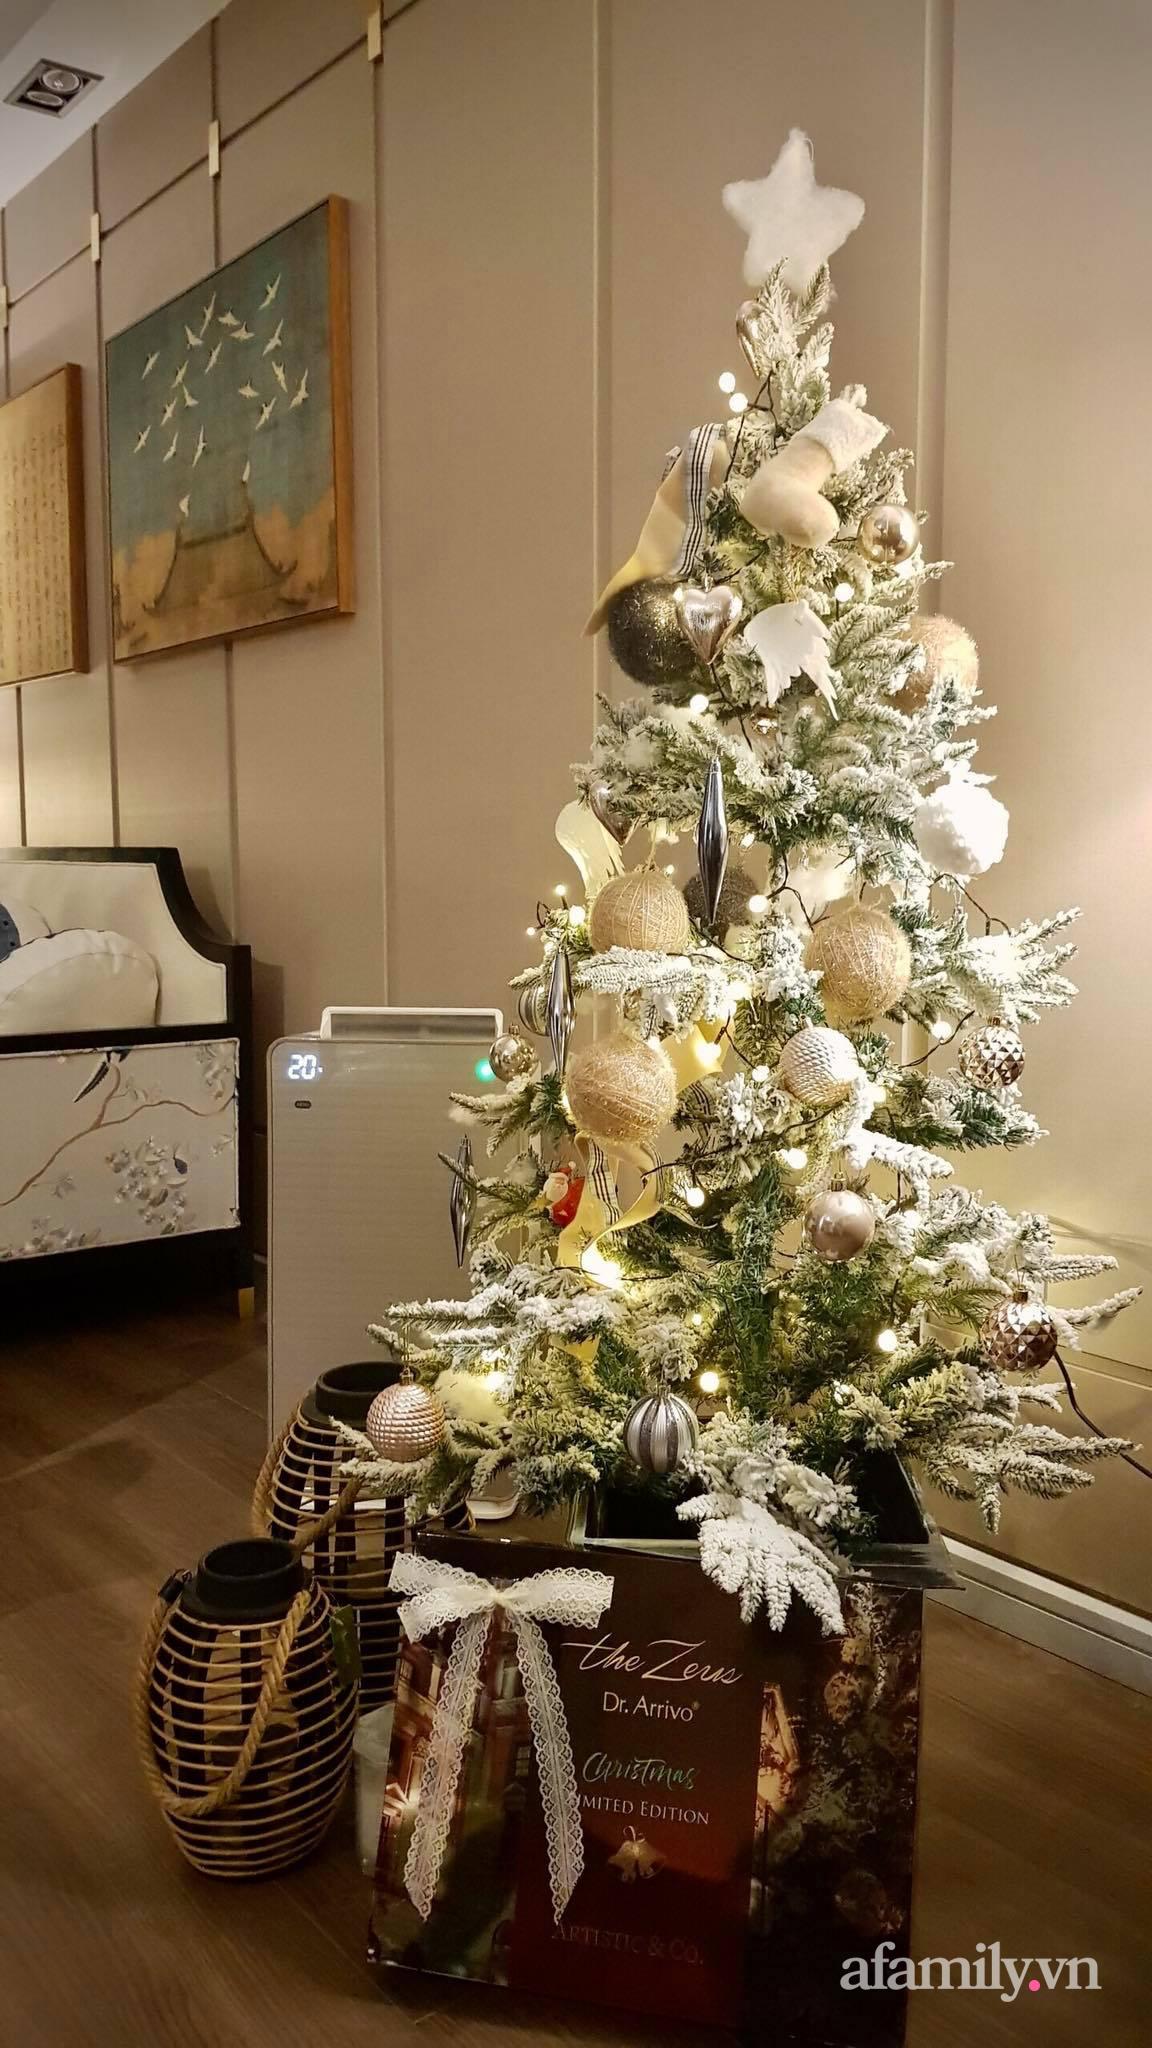 """Căn hộ """"thắp sáng"""" những sắc màu giúp từng góc nhỏ thêm ấm cúng đón Giáng sinh ở Hà Nội - Ảnh 13."""